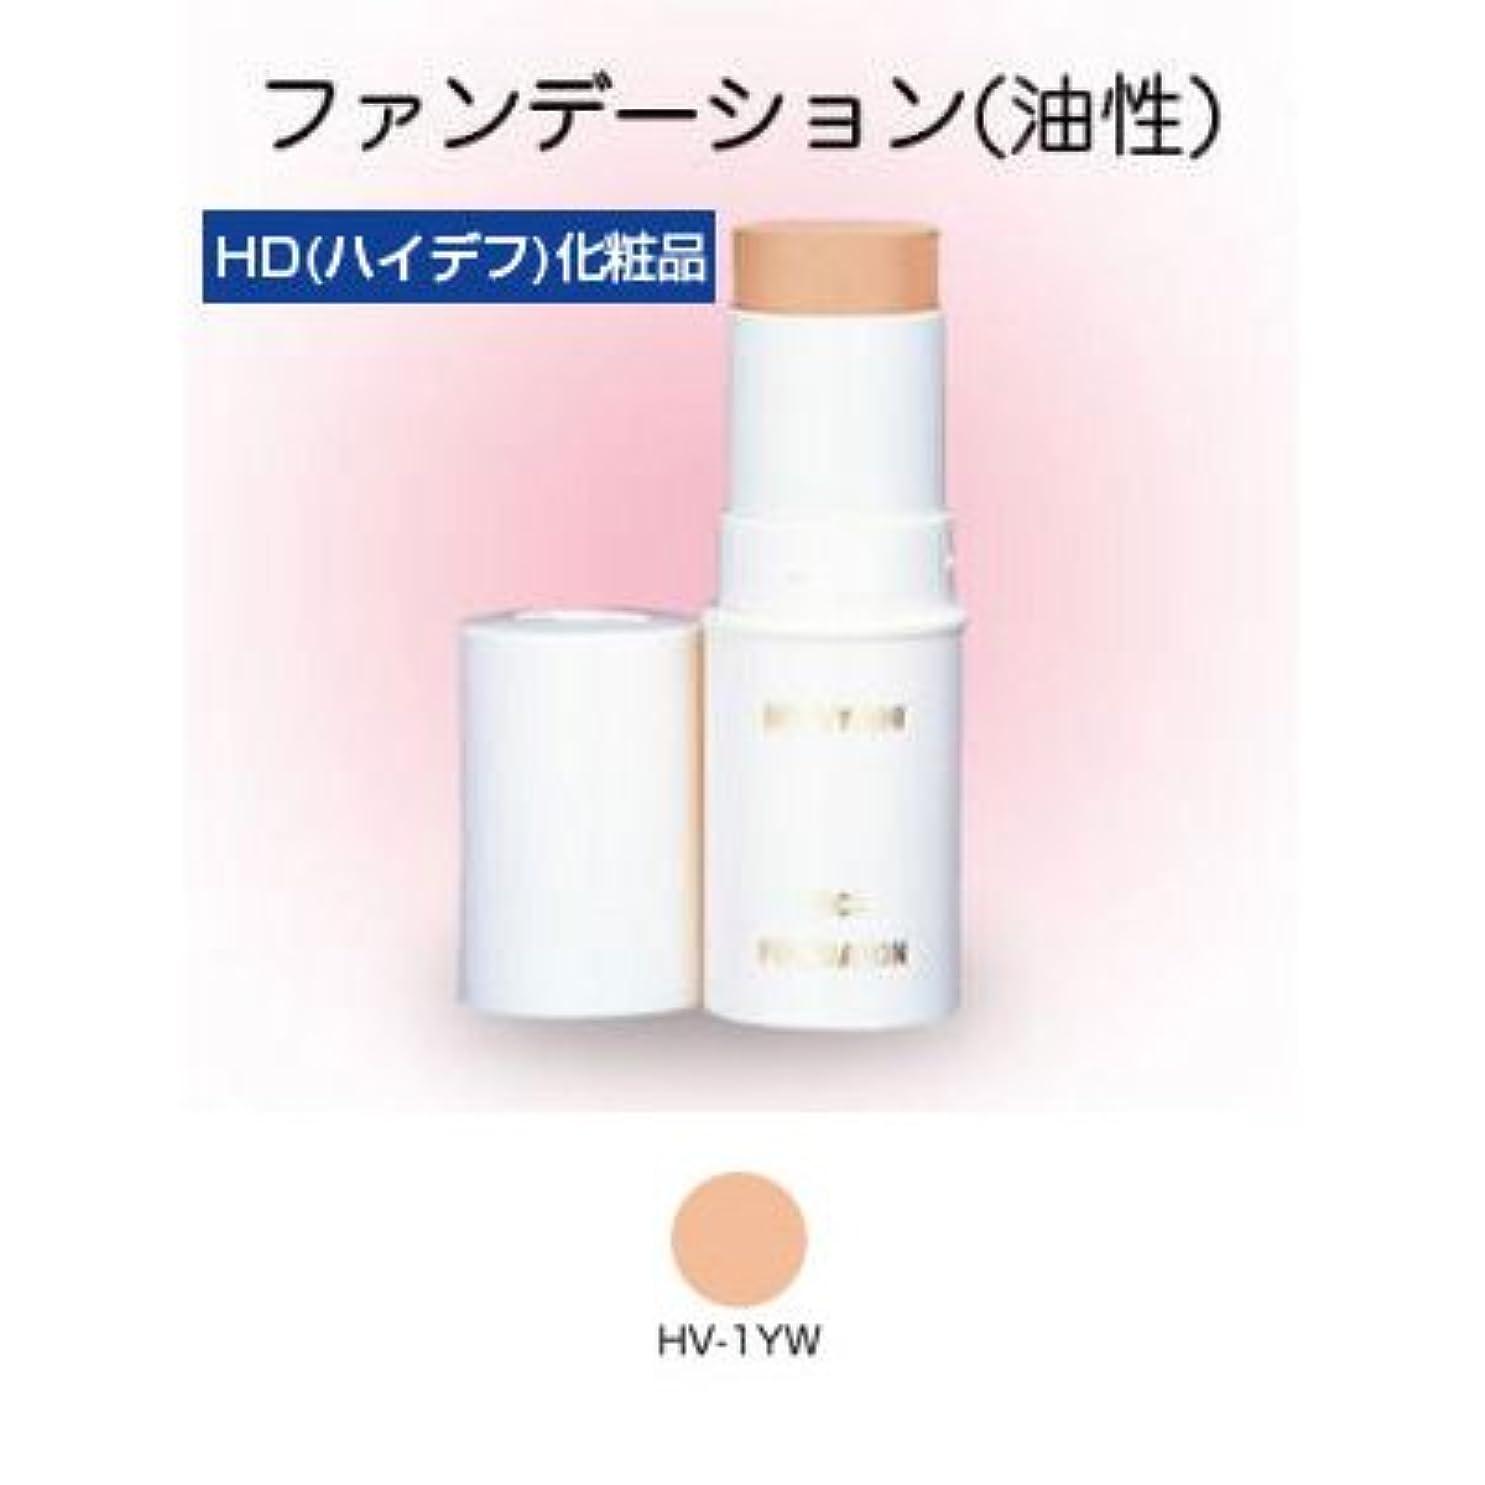 クラックおっと解釈的スティックファンデーション HD化粧品 17g 1YW 【三善】